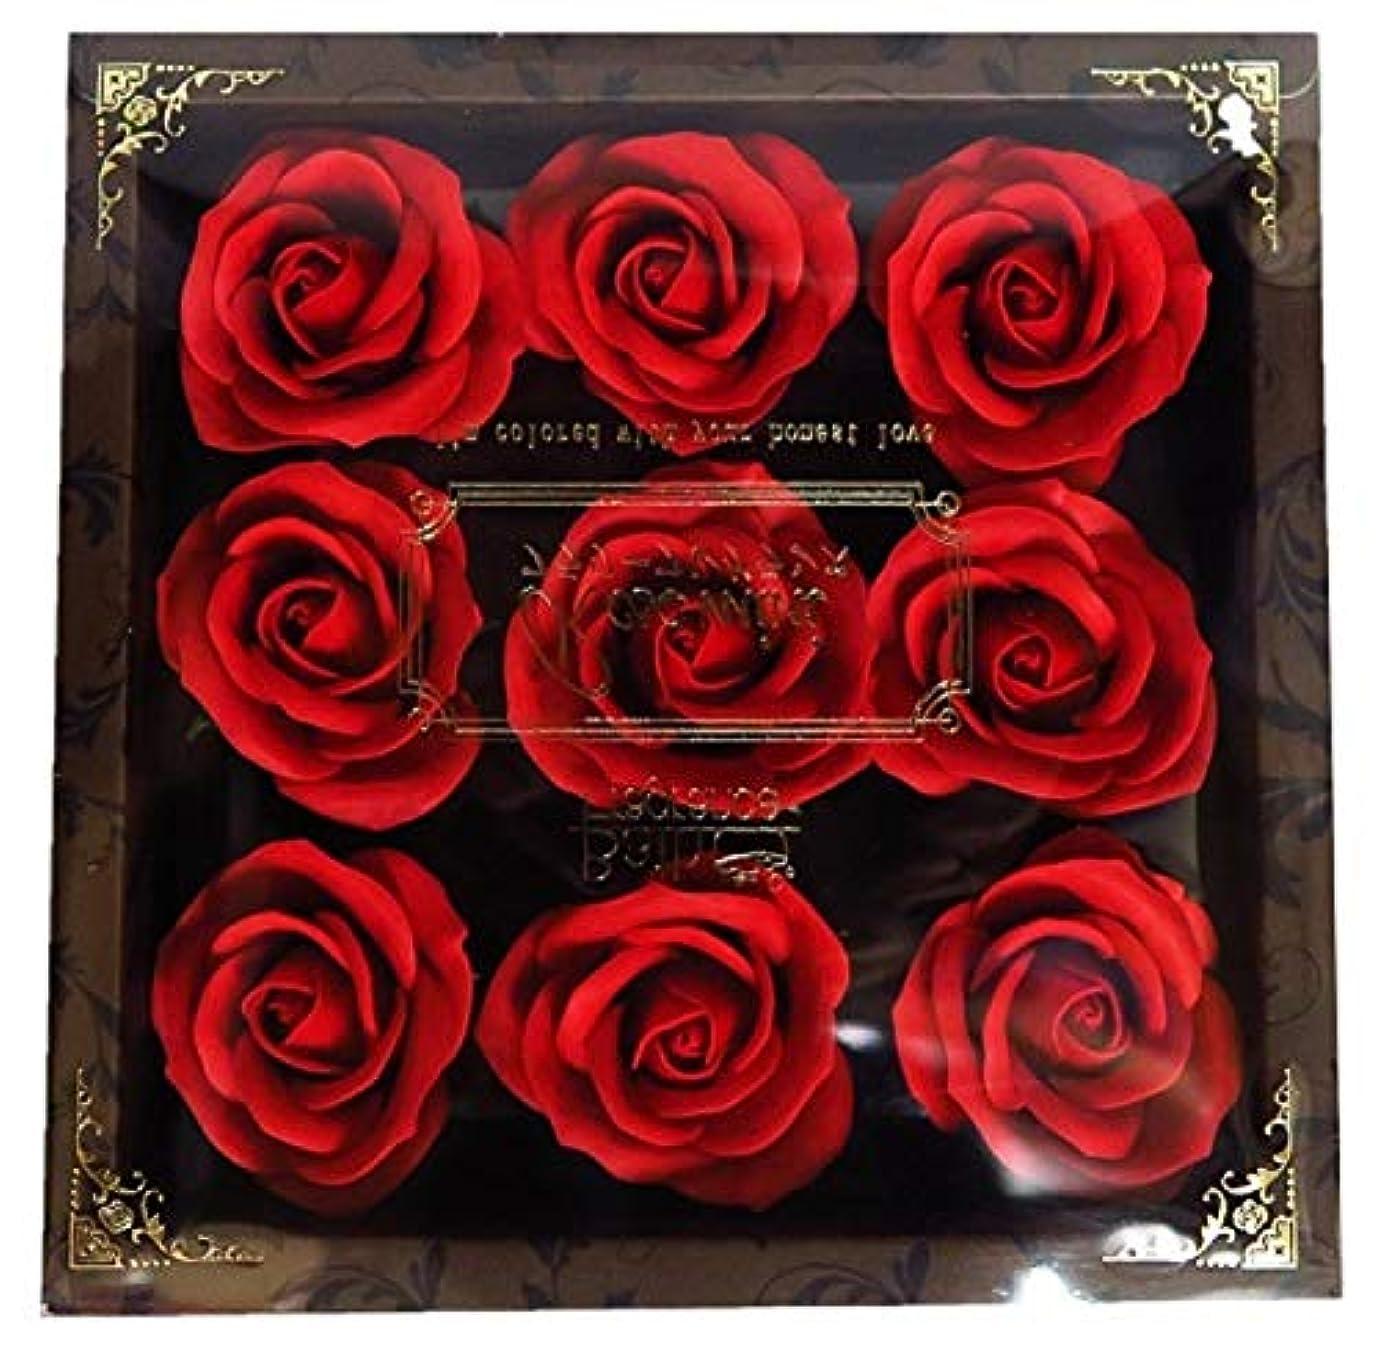 分析する空中フレアバスフレグランス フラワーフレグランス ミニローズフレグランス(L)レッド ギフト お花の形の入浴剤 プレゼント ばら